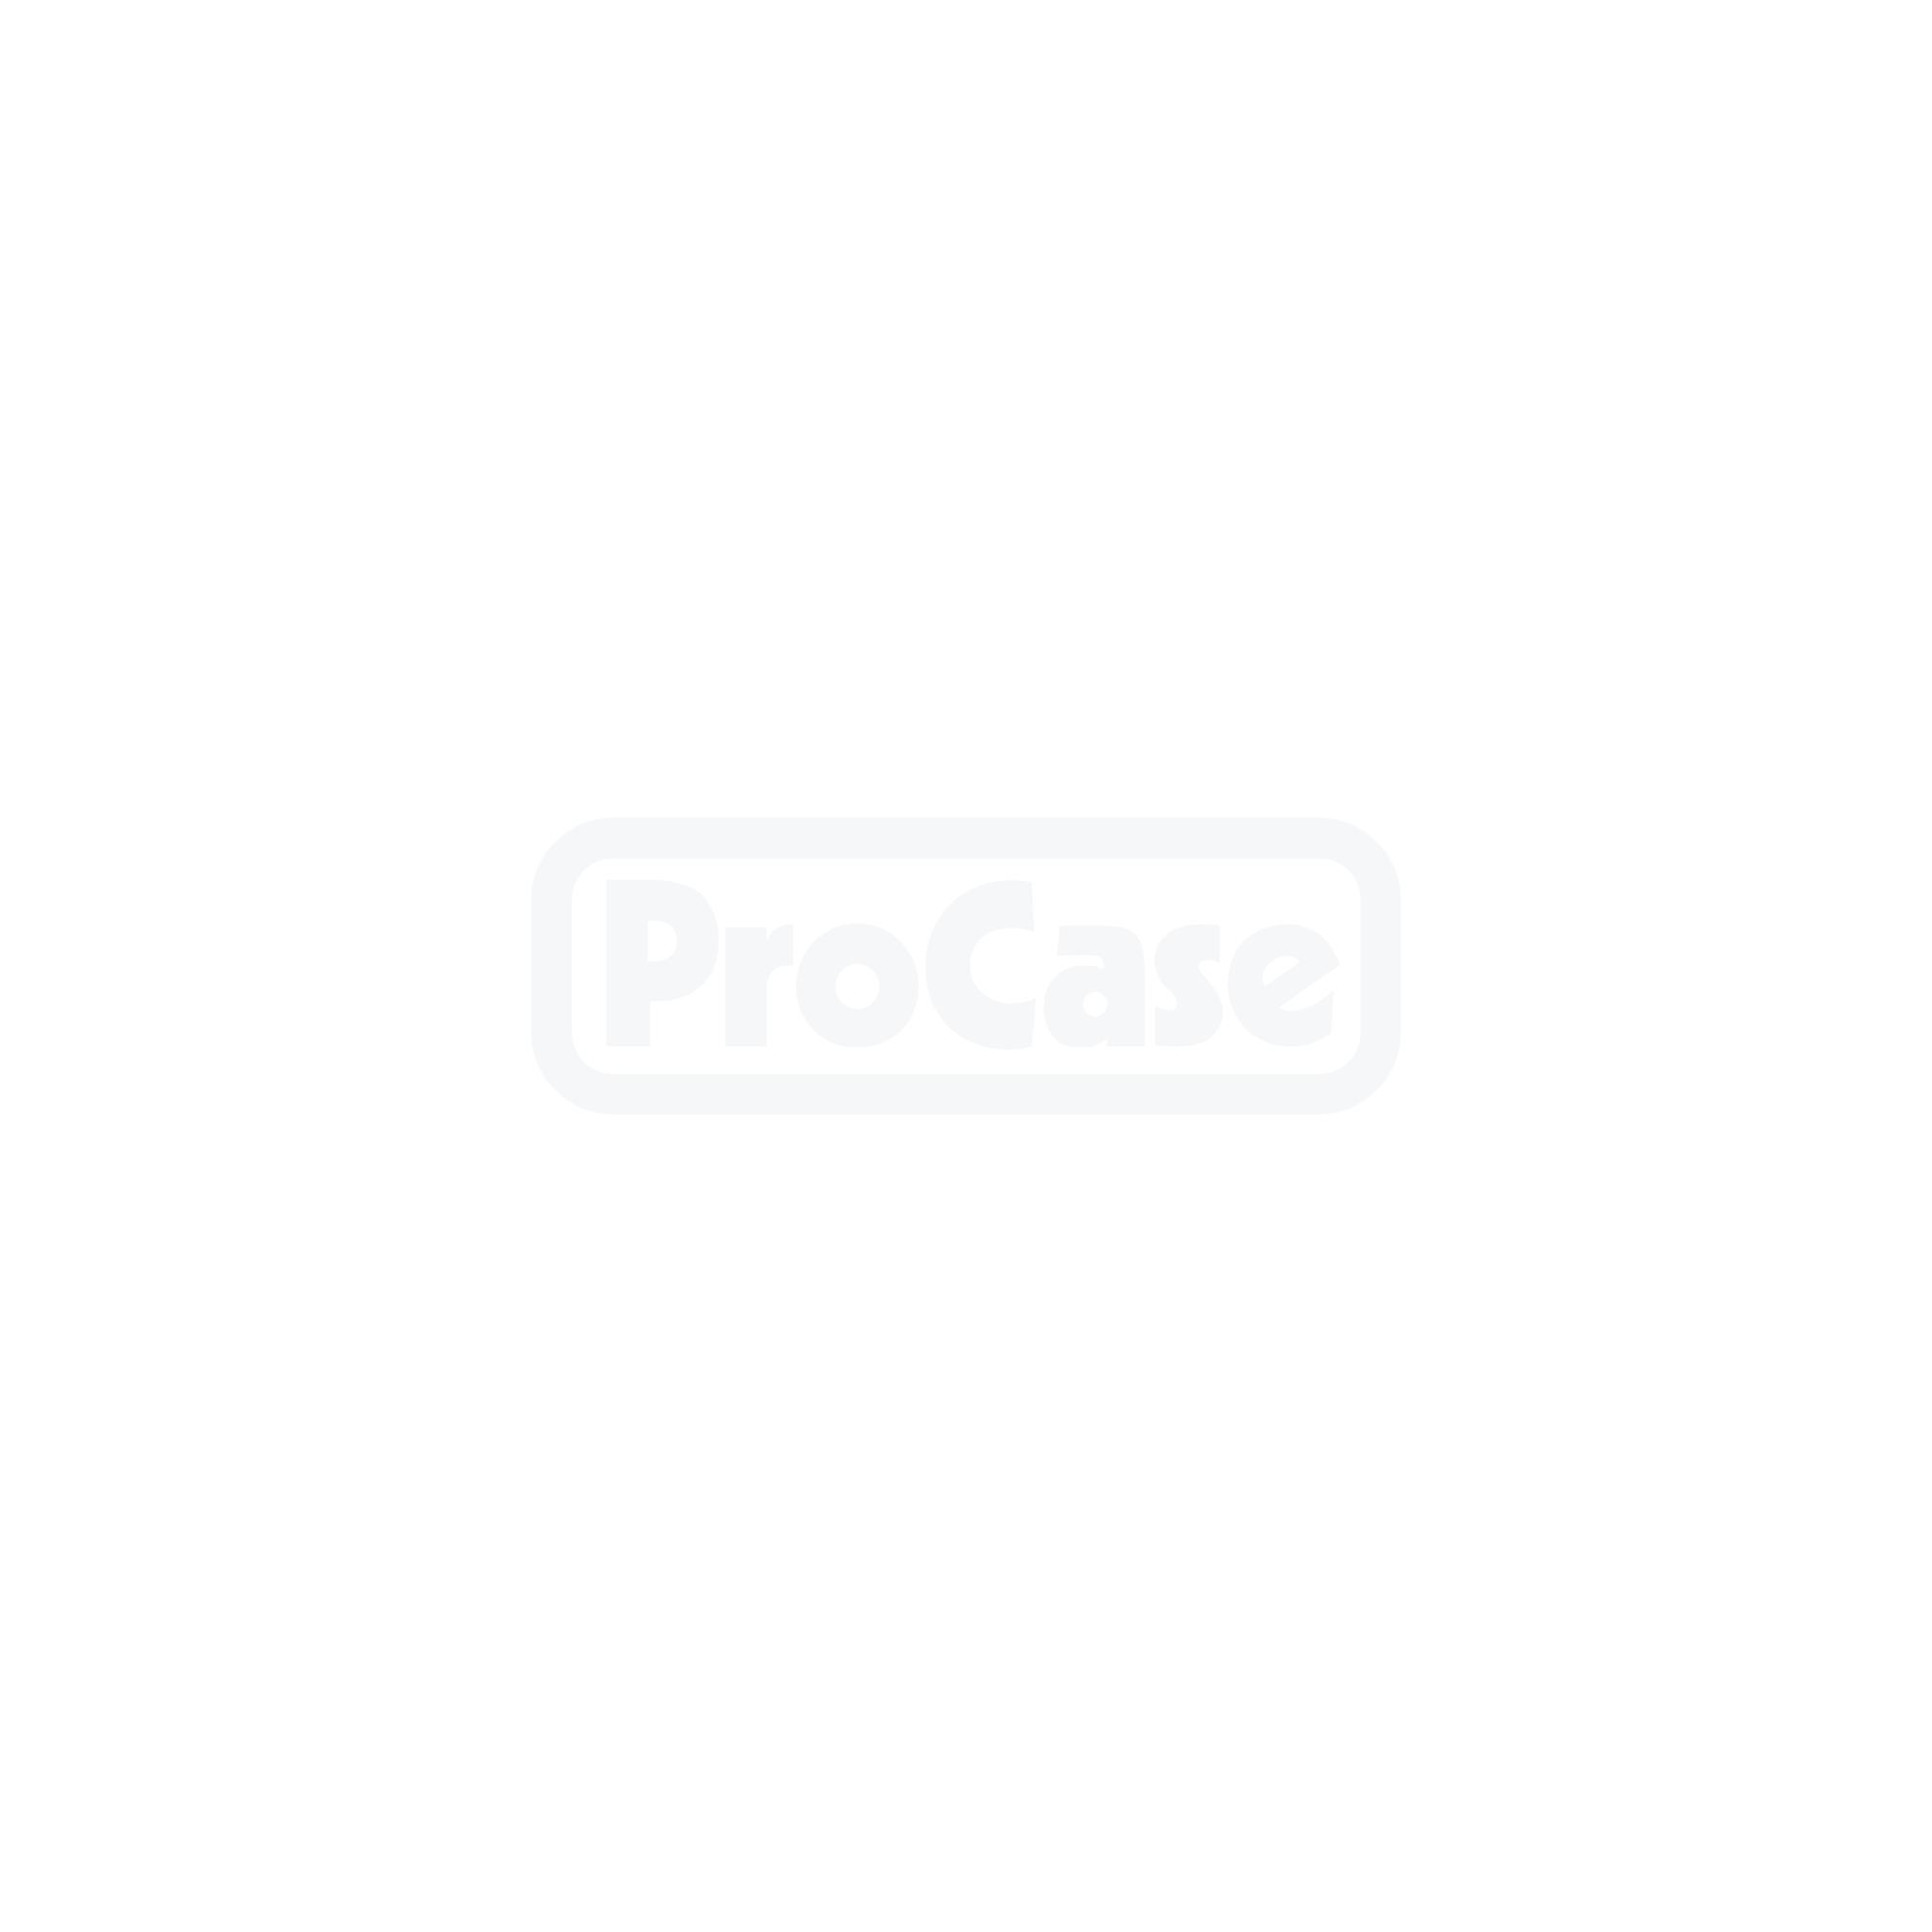 19 Zoll Profi Rack 19HE/Amptiefe Doubledoor mit Topdeckel 5